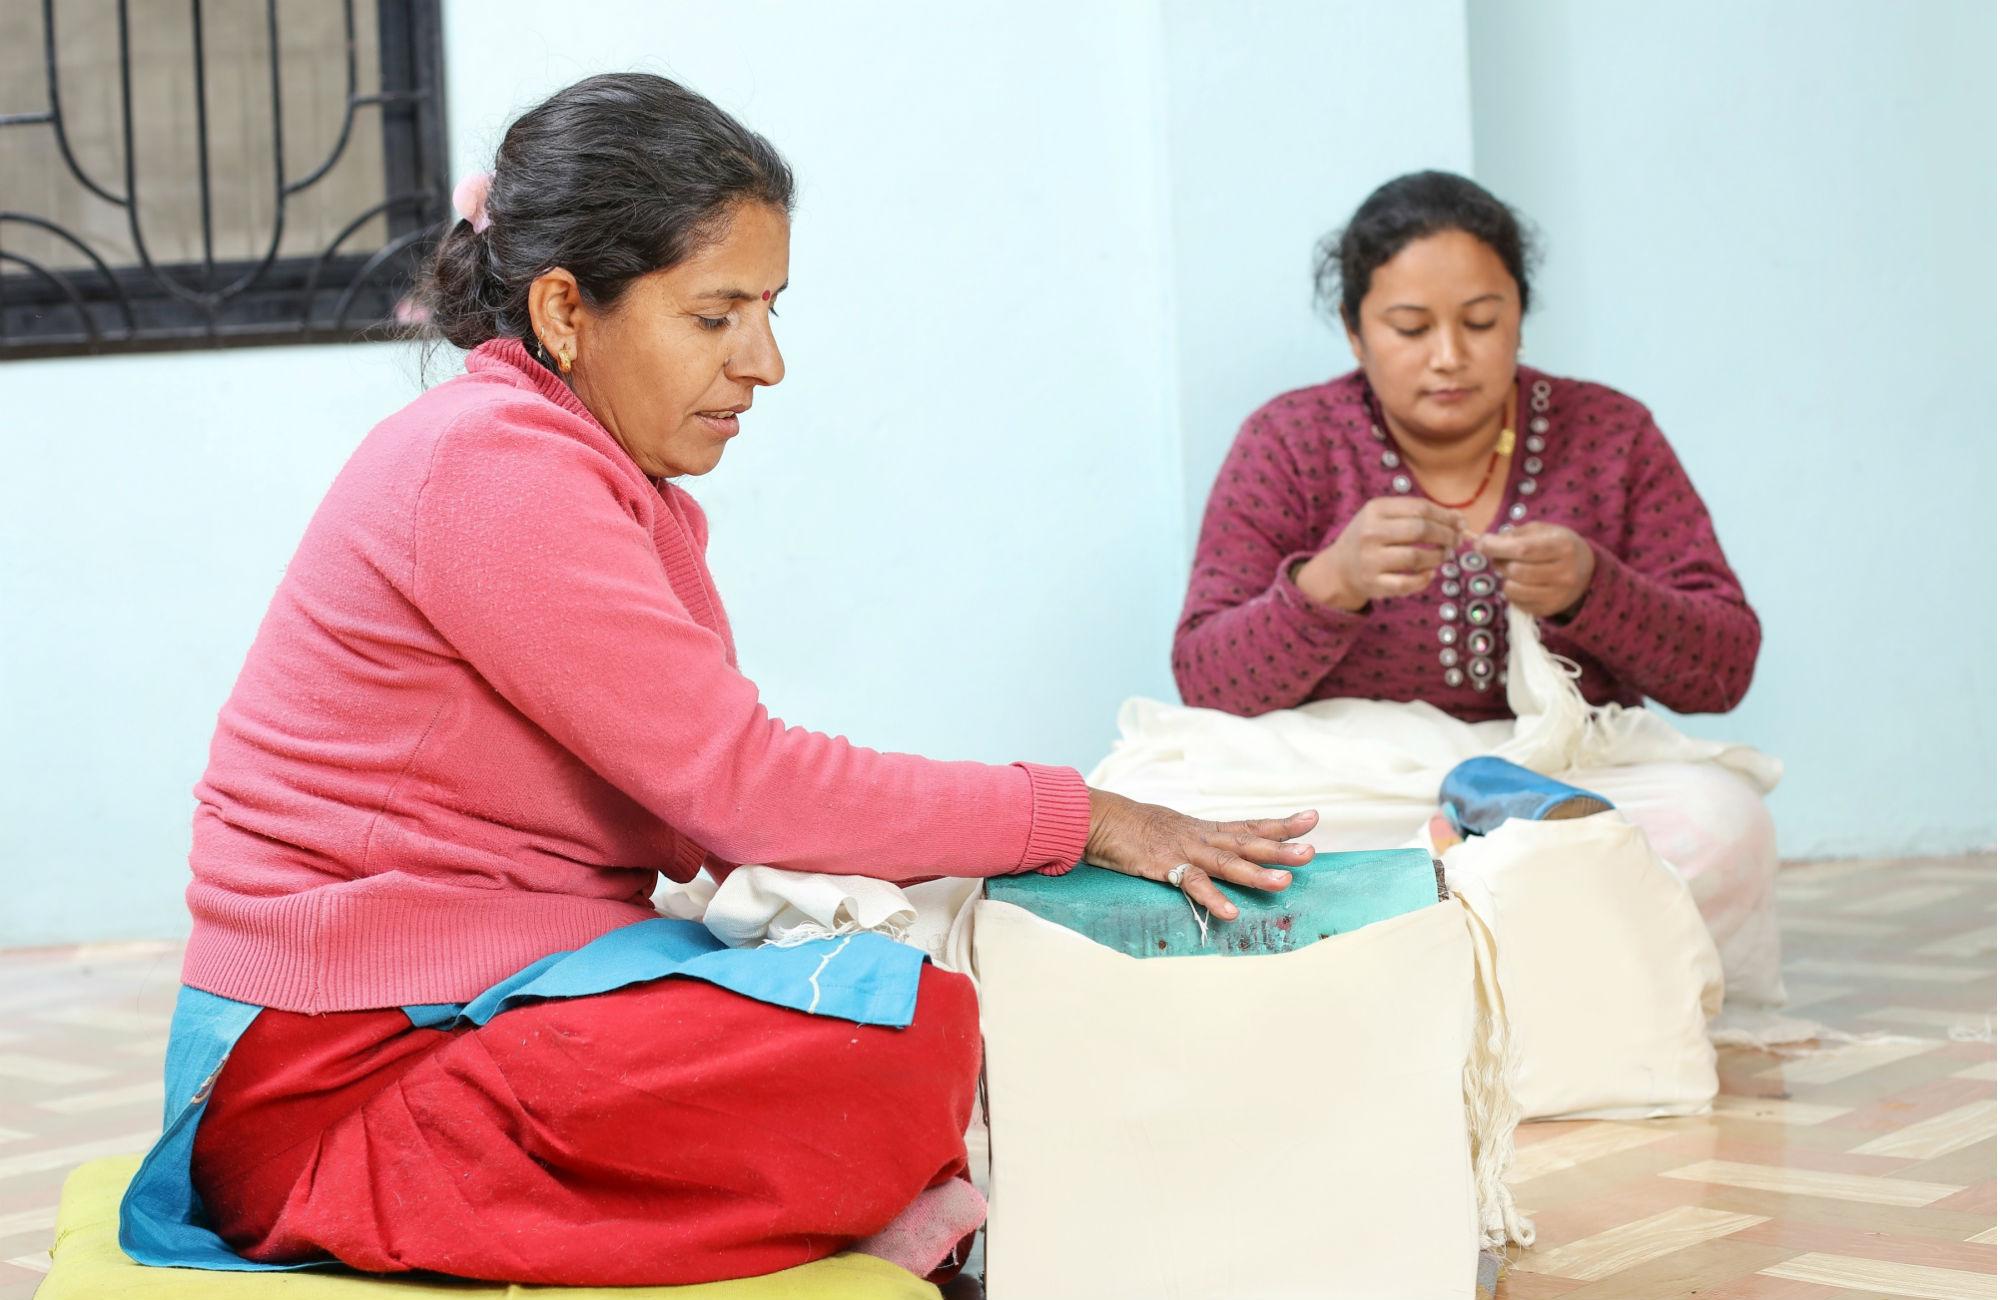 Fransenbearbeitung in Nepal